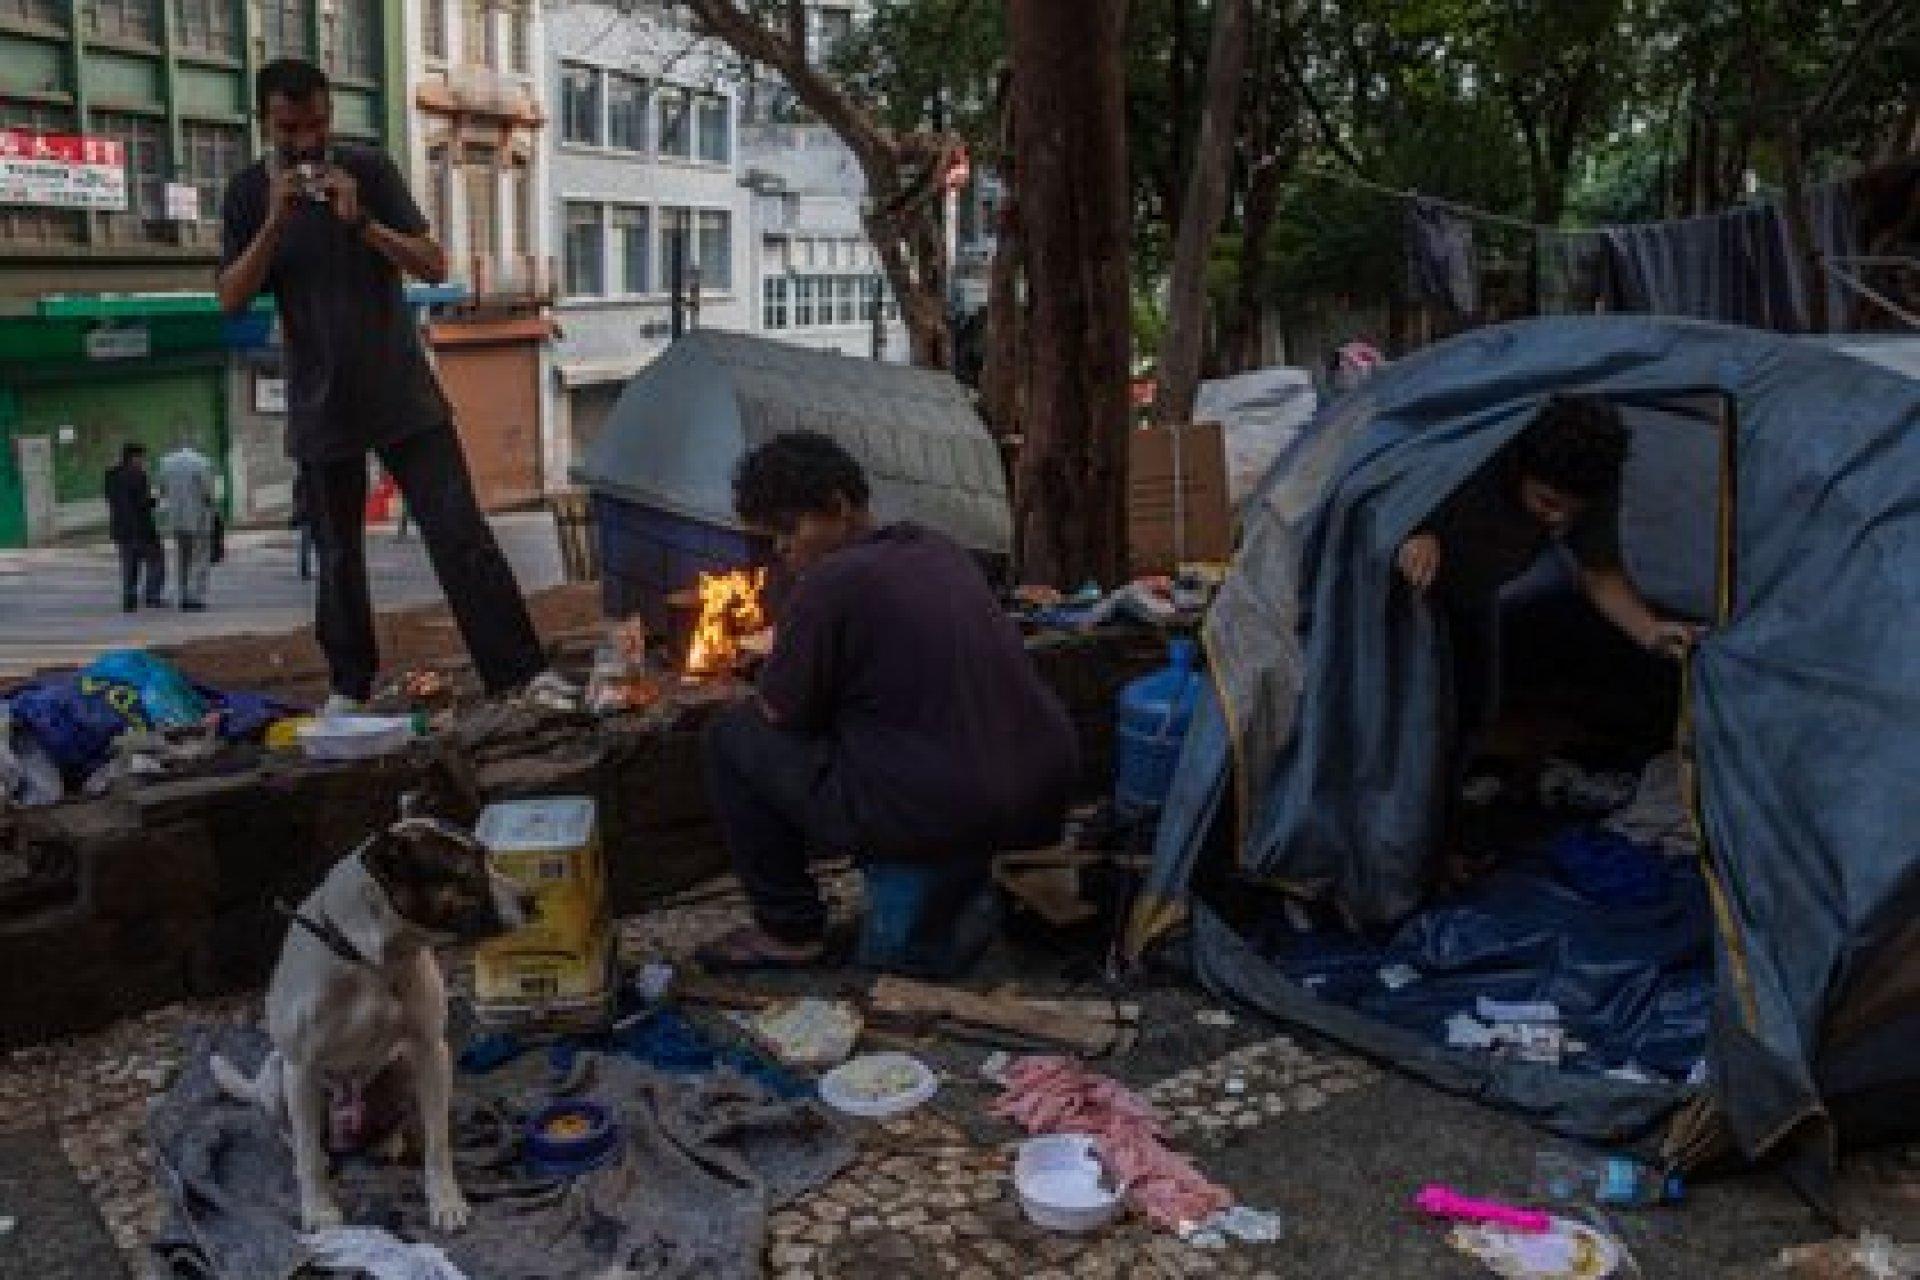 Daniela dos Santos prepara una comida en el centro de São Paulo. La pandemia agravó la crisis económica de Brasil y ha hecho aumentar las filas de los desempleados y las personas sin hogar. (Victor Moriyama / The New York Times)